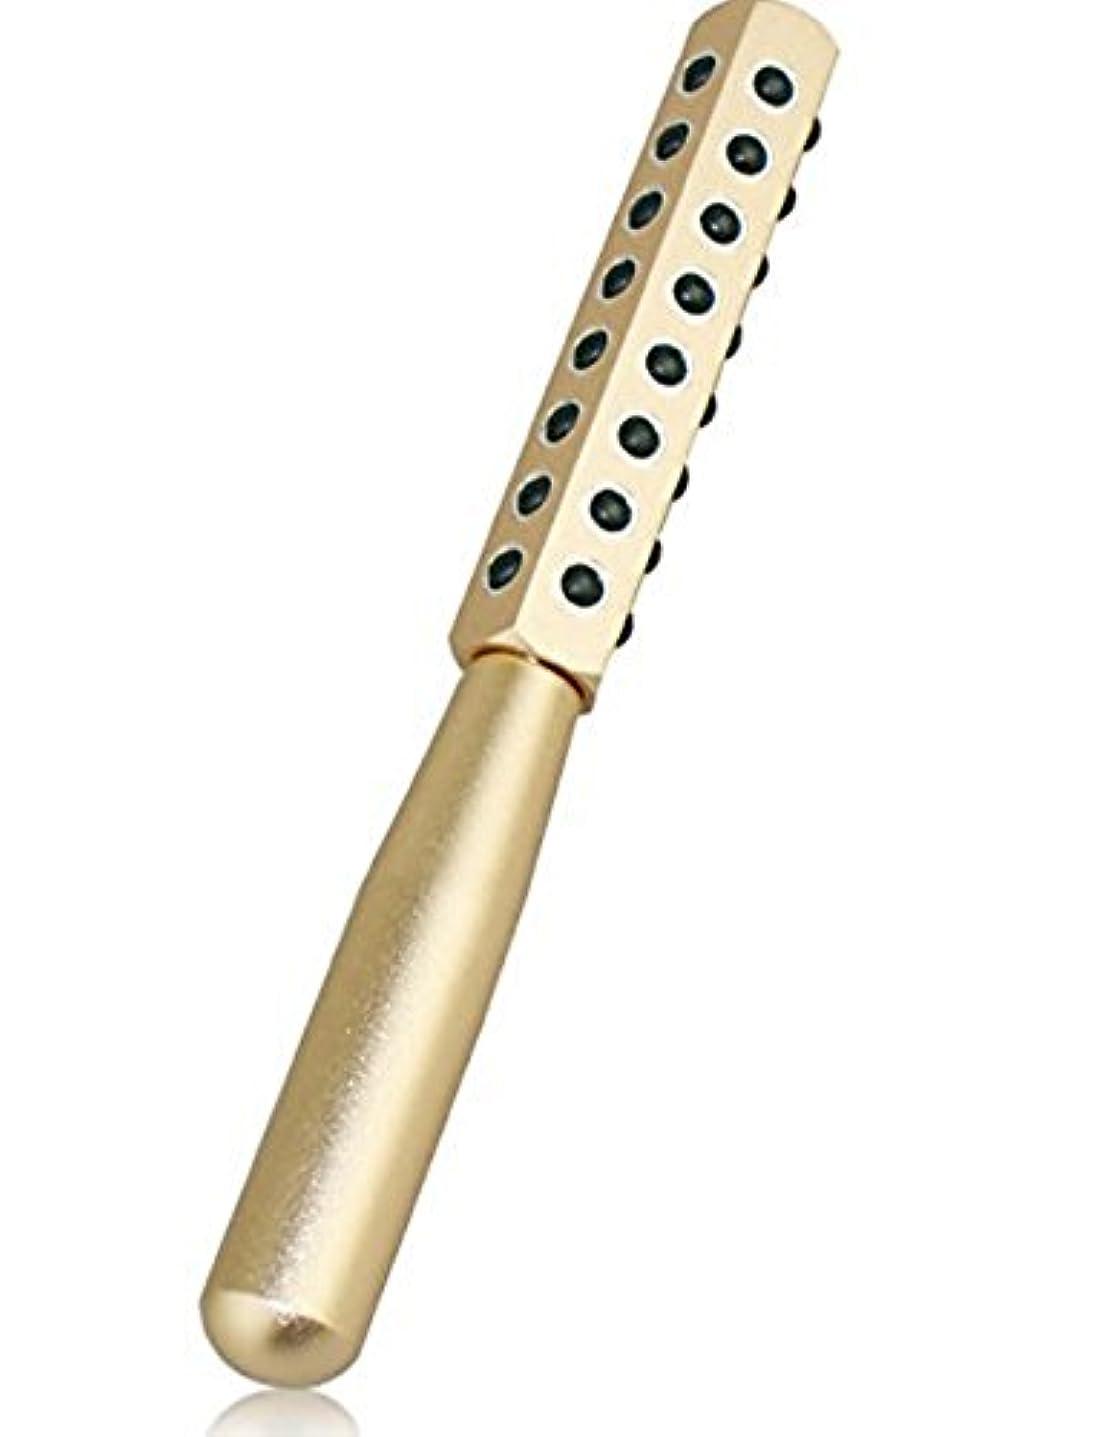 セメント卒業分解するCREPUSCOLO ゲルマローラー 美顔器 美肌 ハリ ツヤ ほうれい線 純度99% ゲルマニウム粒子40粒/額 ほほ 目じり あご~首すじ デコルテ 二の腕 手の甲 気になるところをコロコロ ゴールド シルバー (ゴールド)